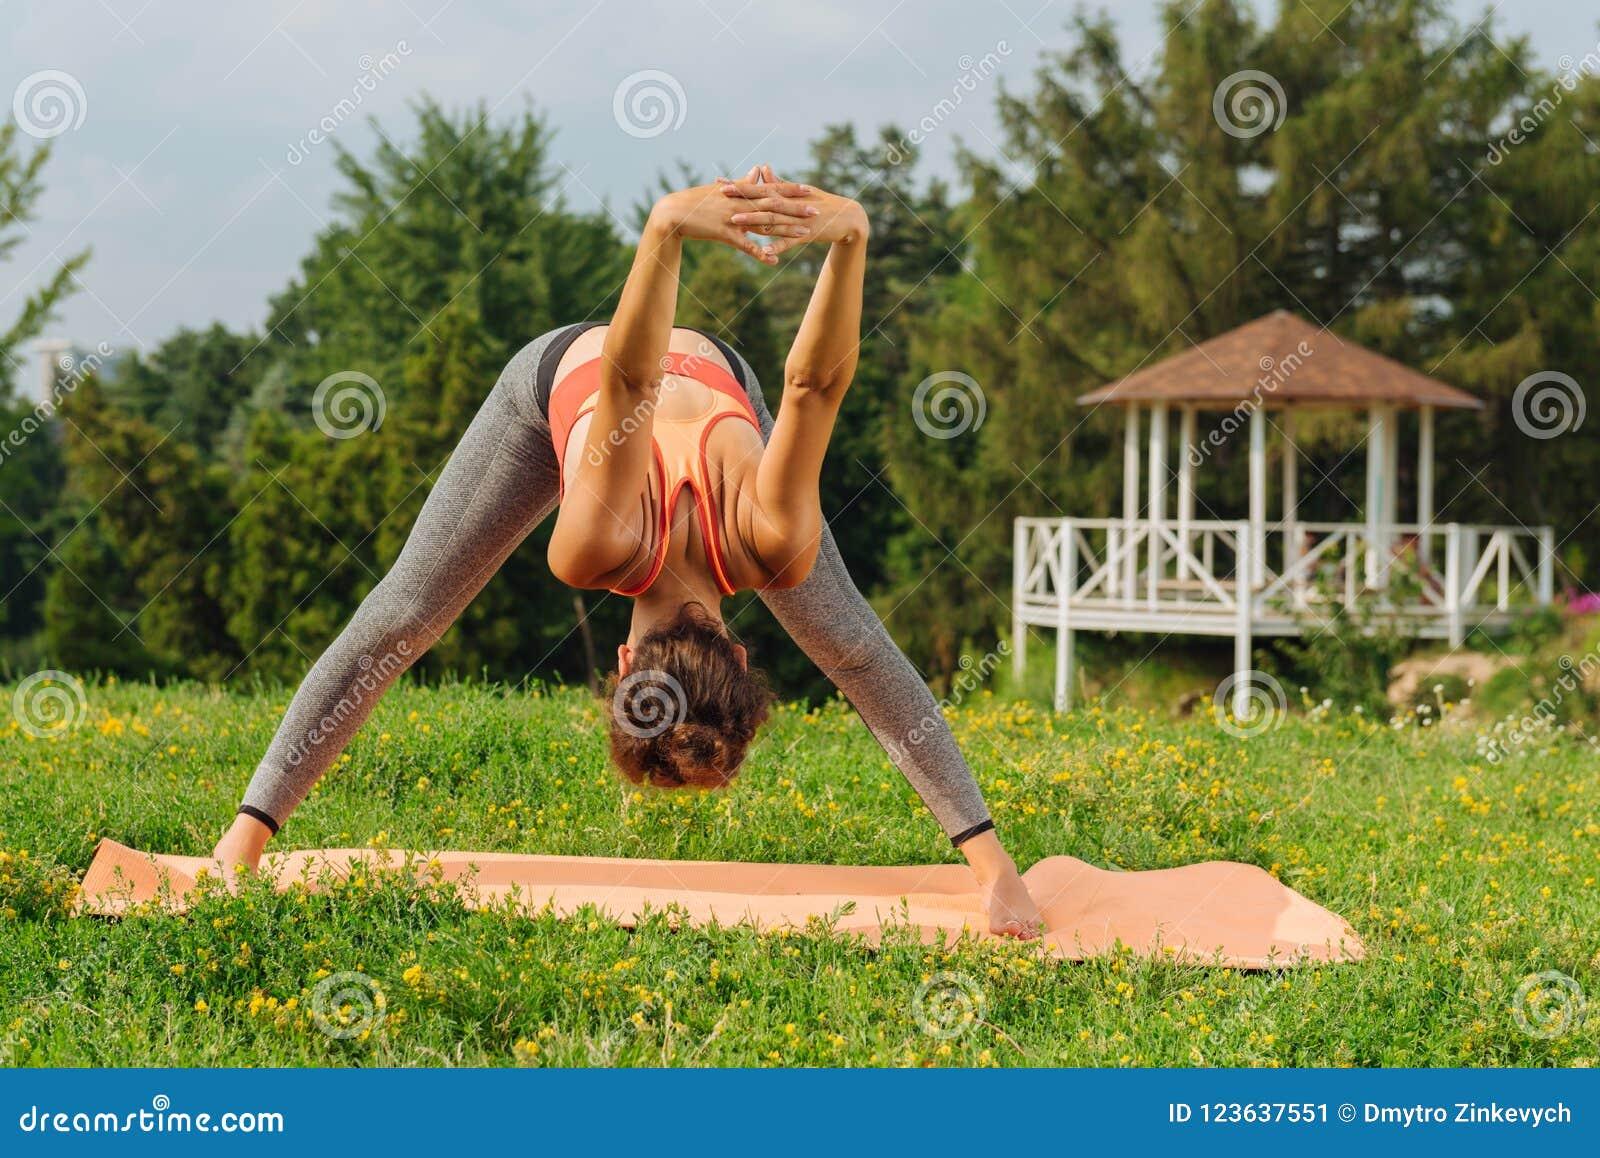 För mindfulnessmeditation för kvinna praktiserande anseende på gräs